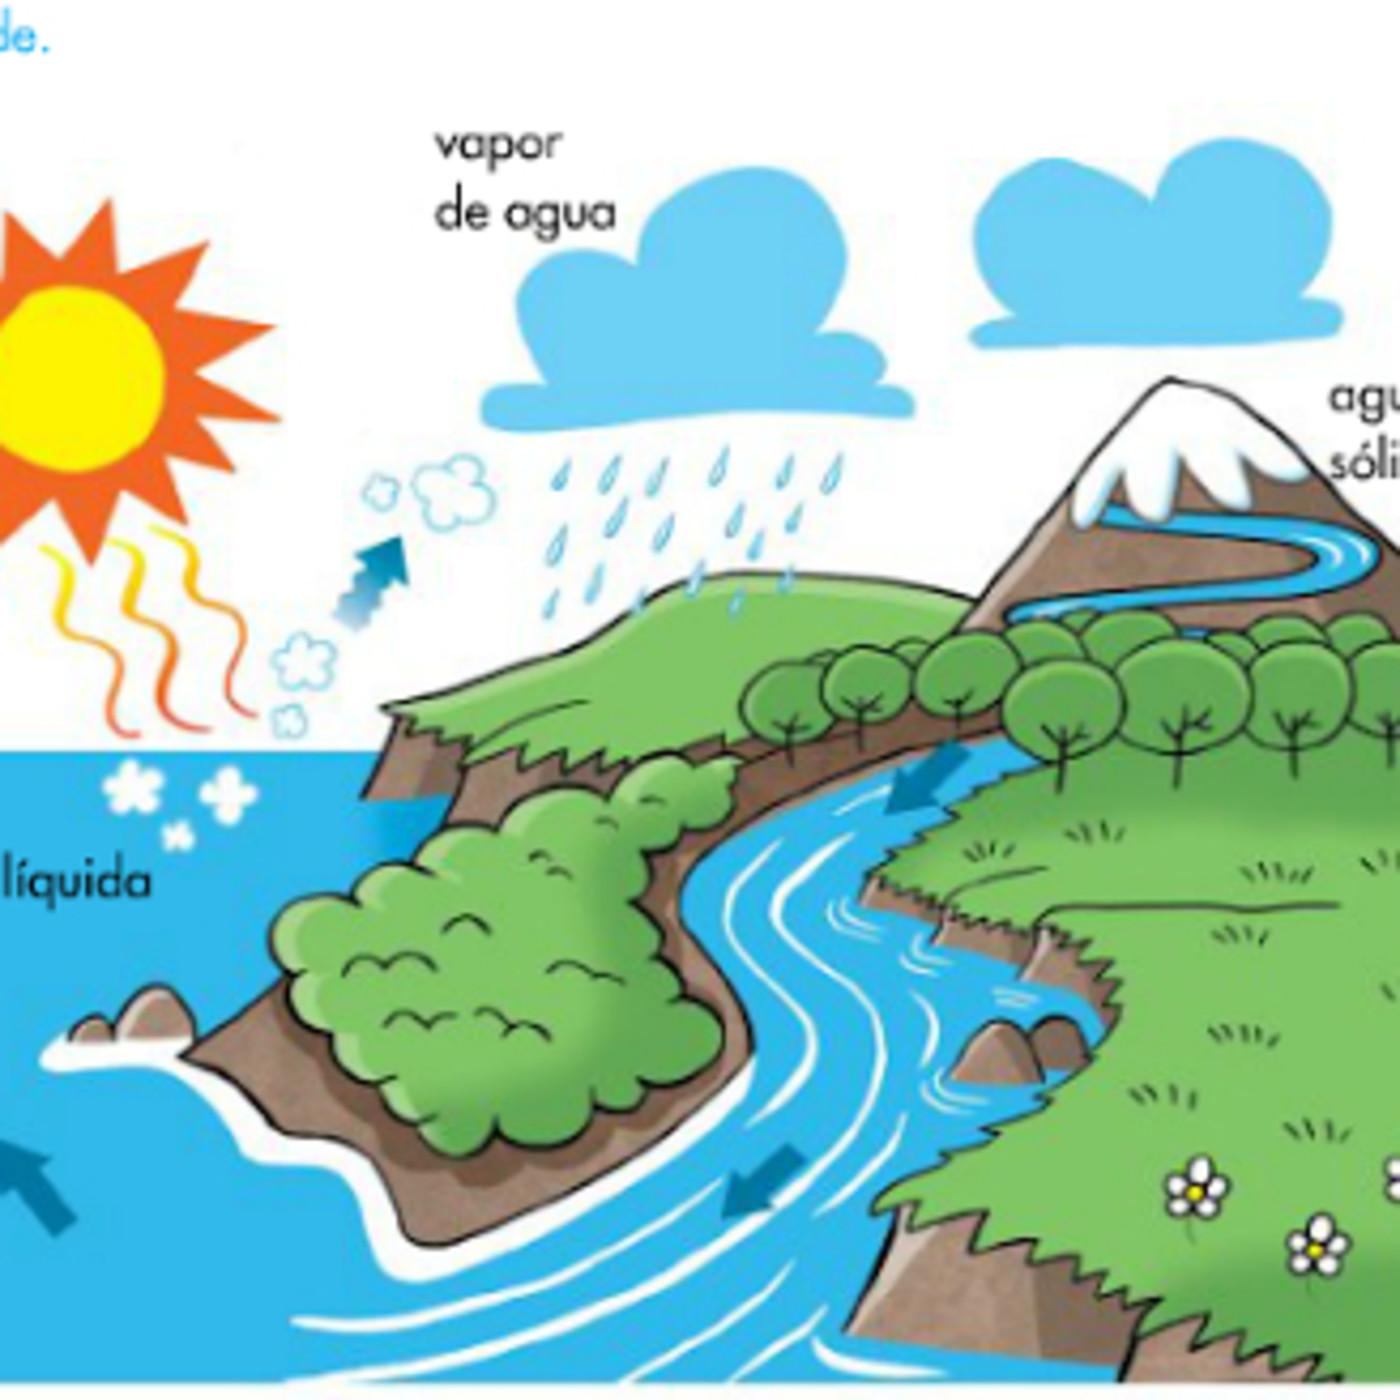 Ciclo Hidrológico Ciclo Del Agua En Camilo Botero En Mp3 19 05 A Las 23 03 49 03 13 18792983 Ivoox